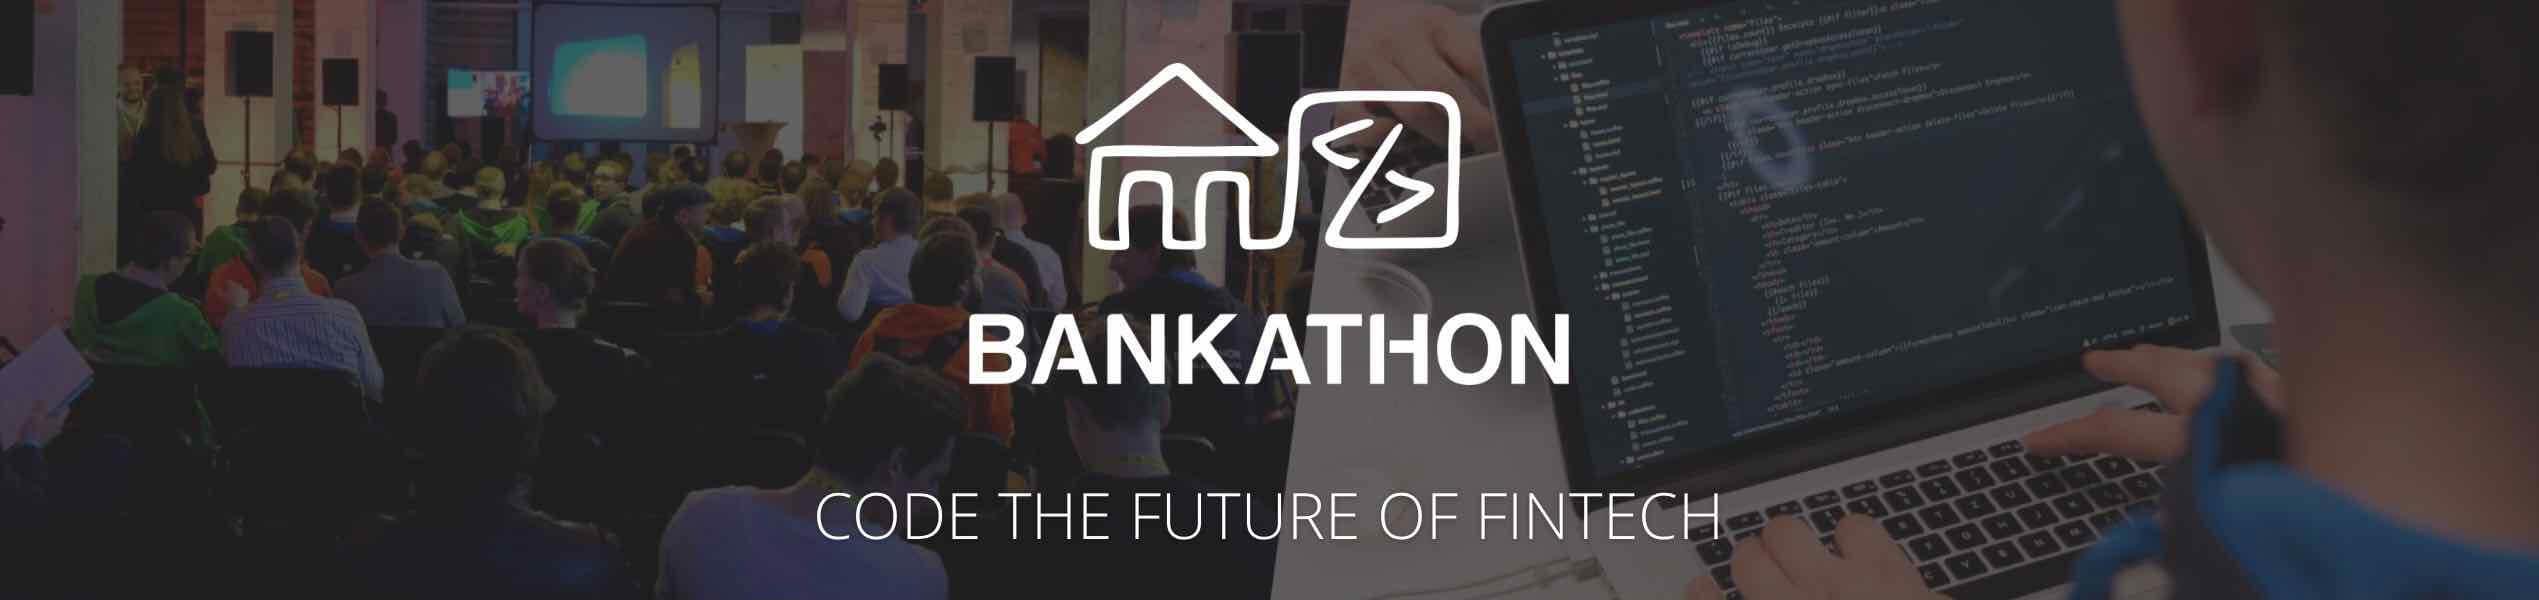 fintech hackathon bankathon